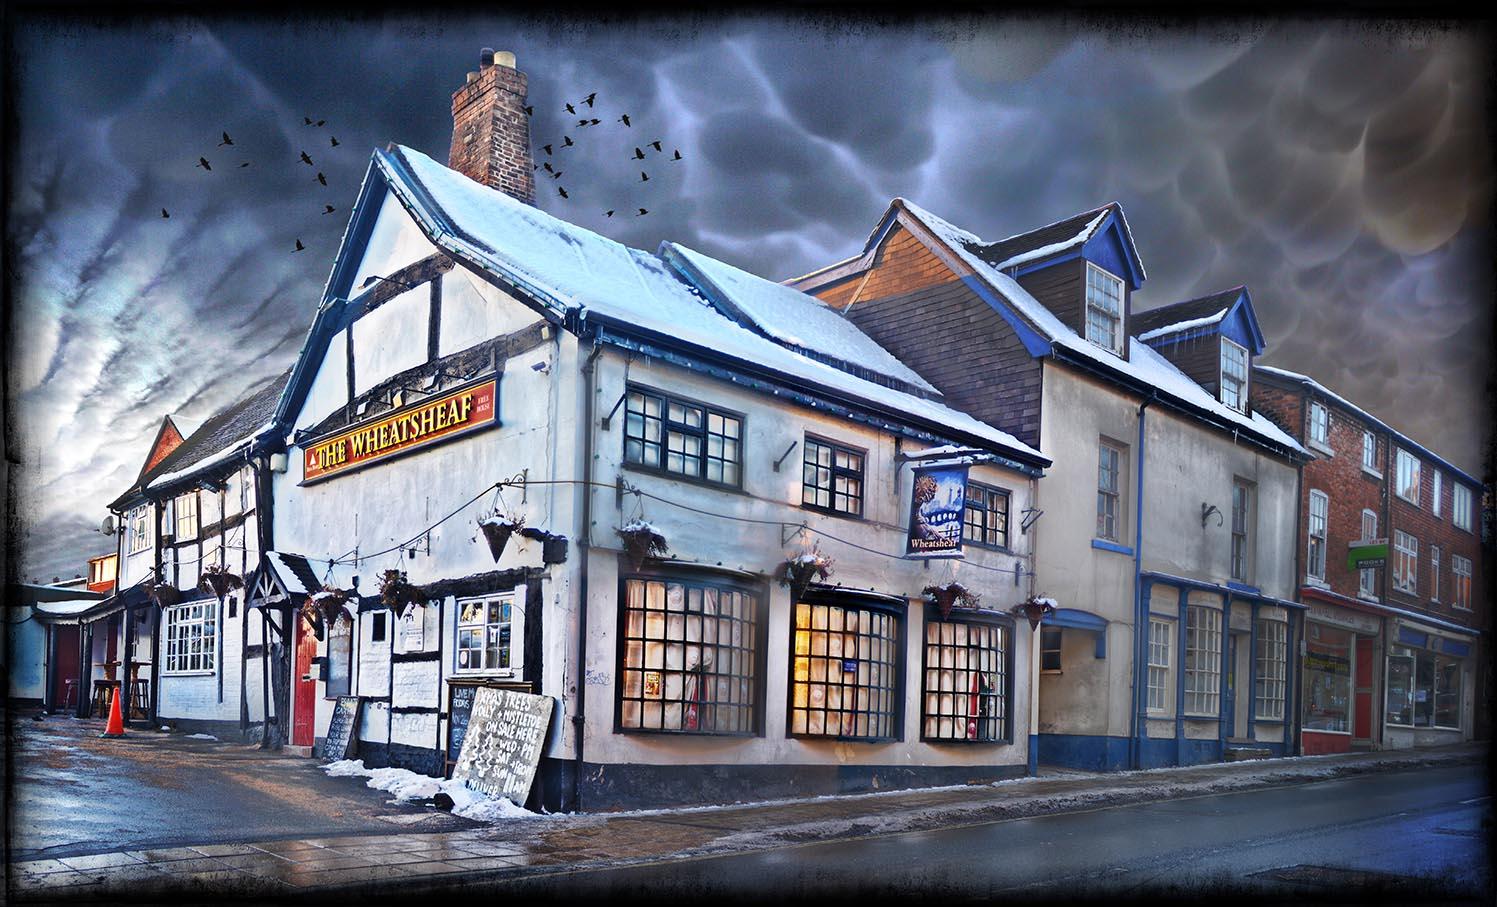 Shrewsbury The Wheatsheaf